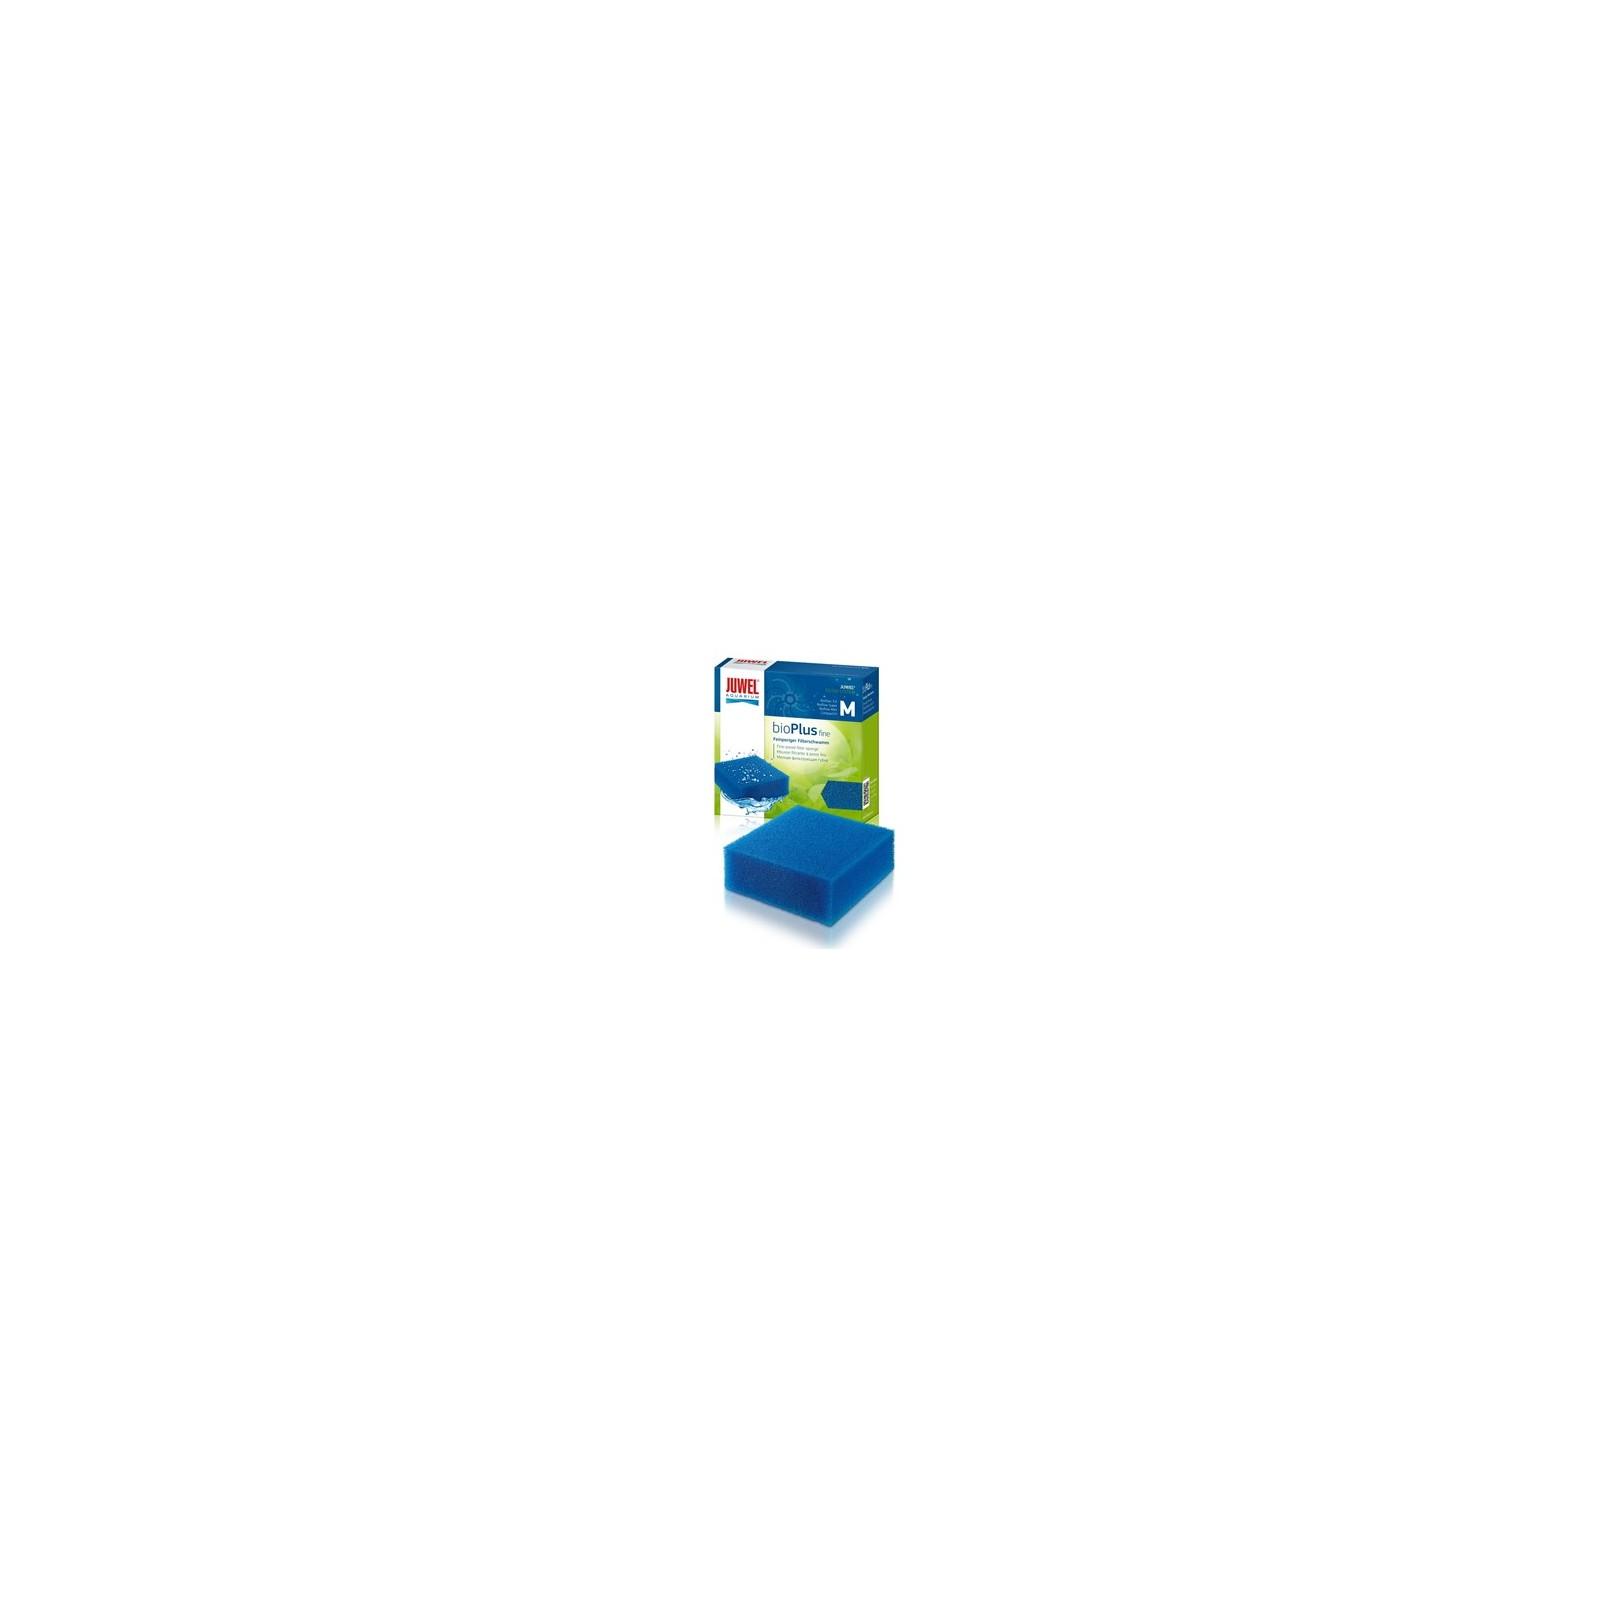 Filtrační náplň Juwel - houba jemná COMPACT / Bioflow 3.0 / M